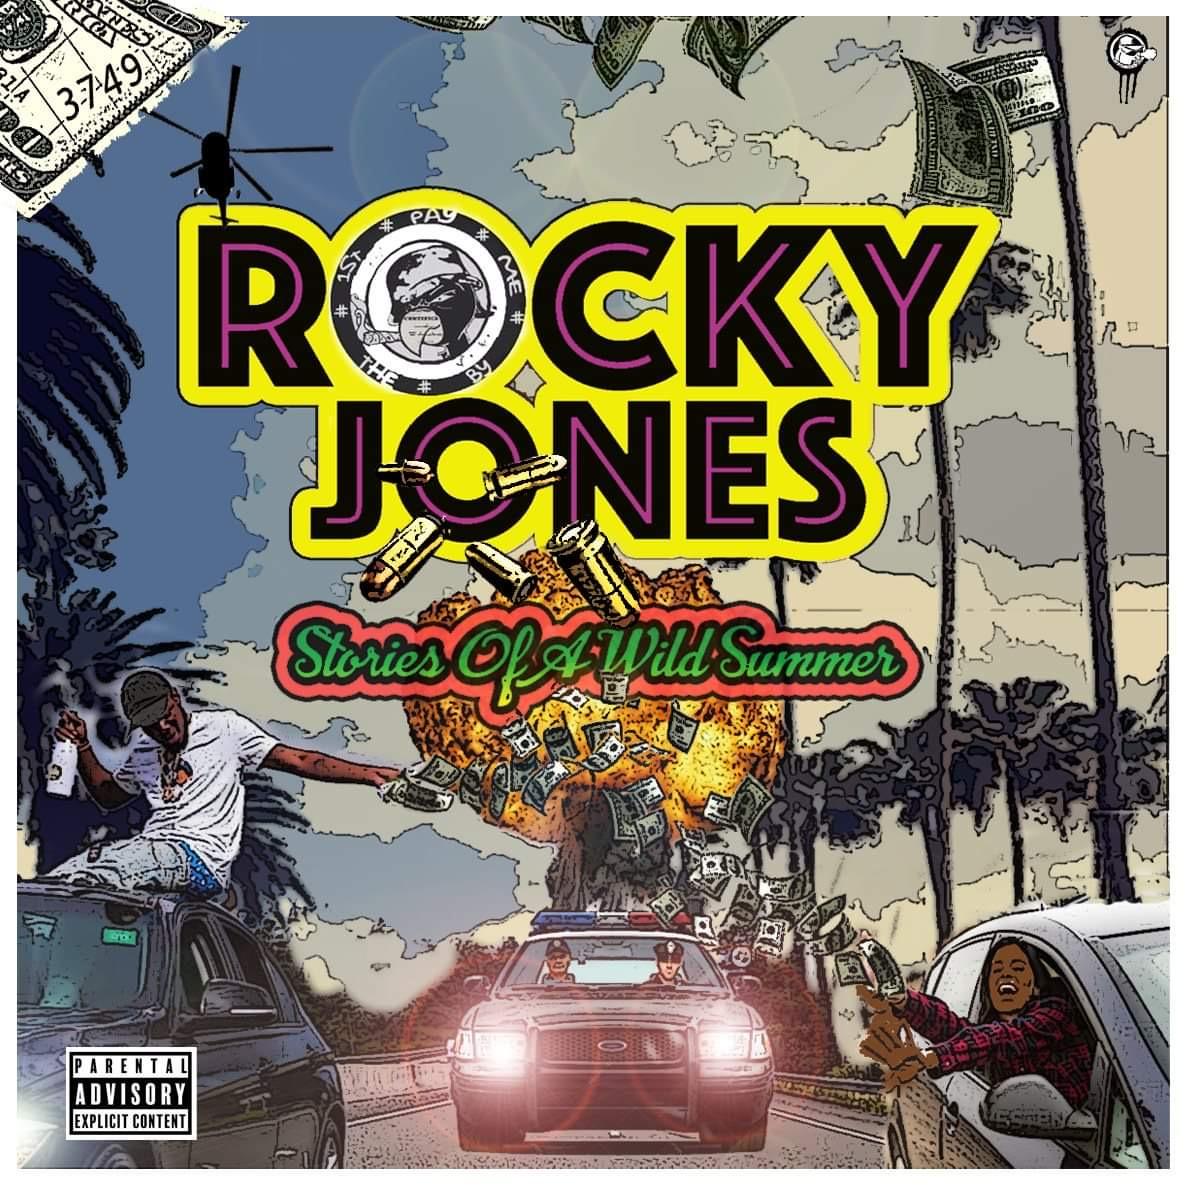 [EP] Rocky Jones 'Stories of a Wild Summer' | @rockyjones3749